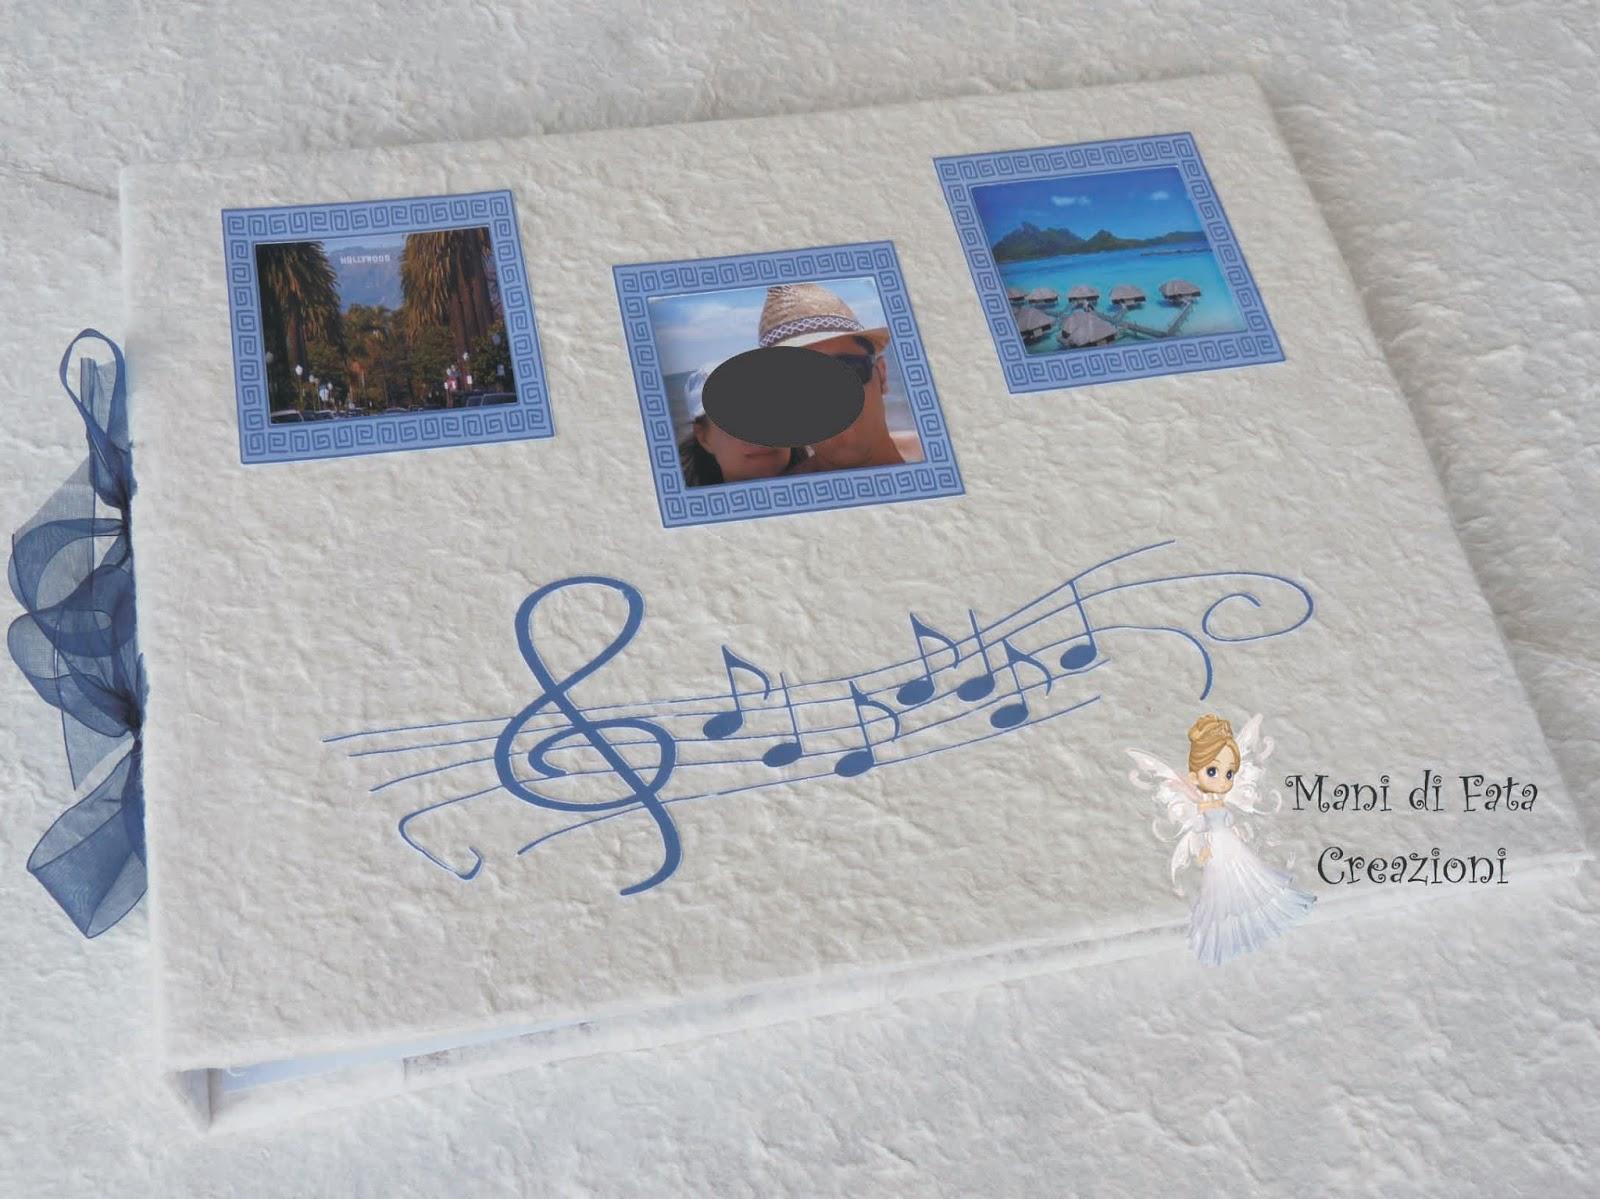 Matrimonio Tema Musica : Mani di fata creazioni guestbook matrimonio musica